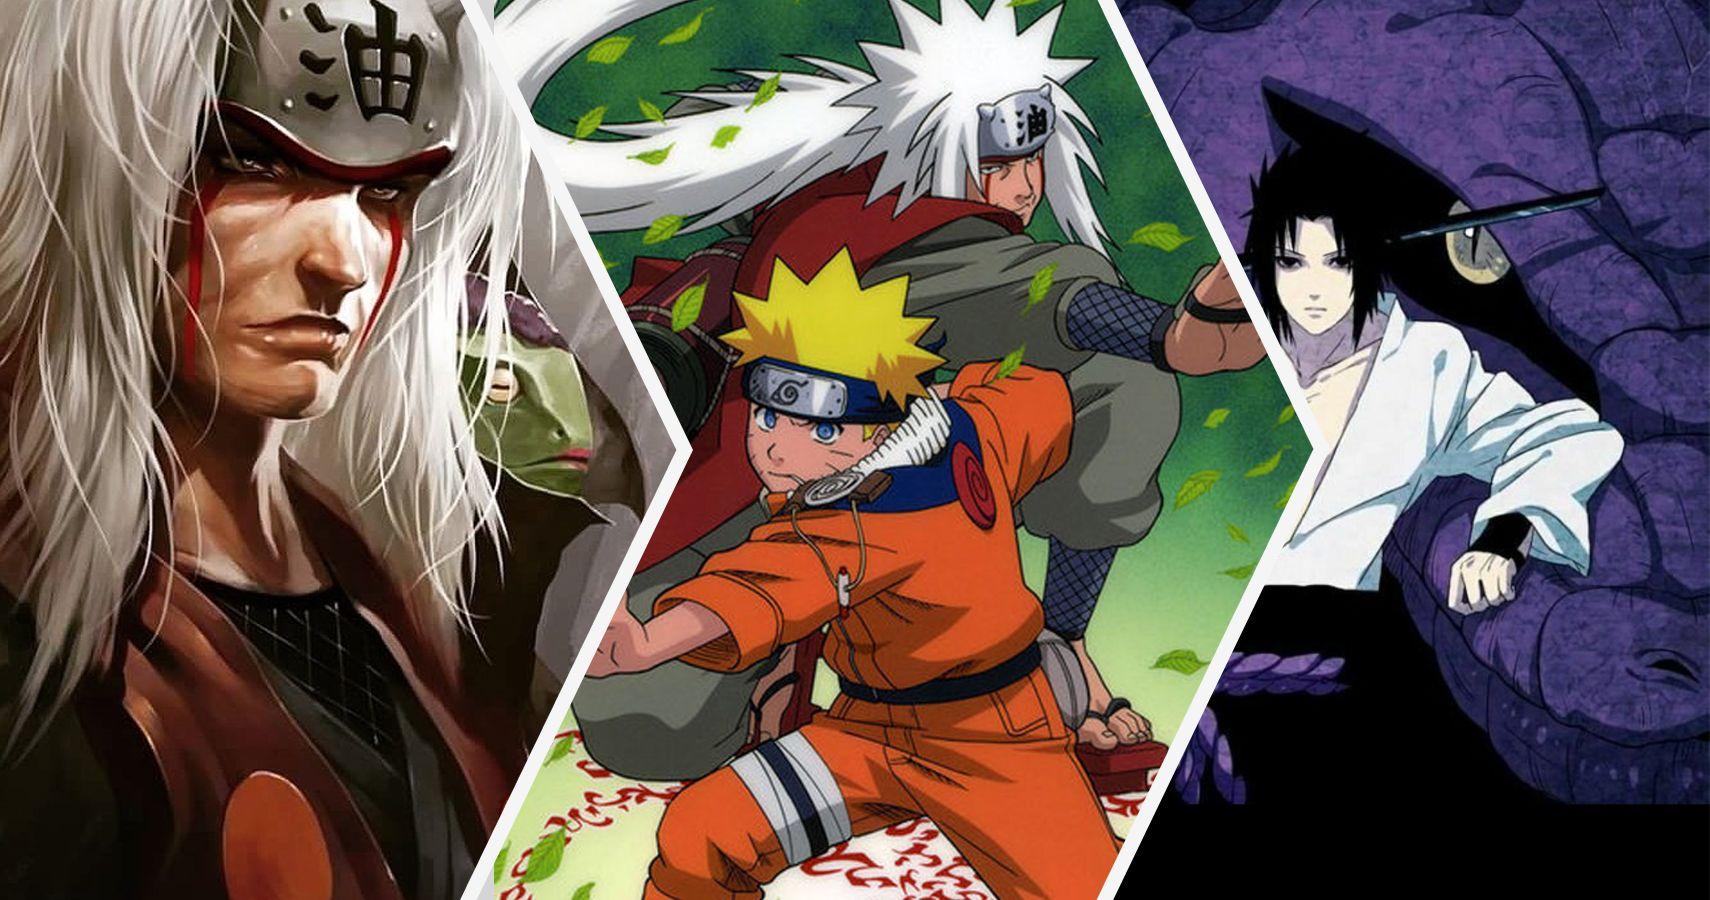 Naruto 20 Things About Jiraiya That Make No Sense Screenrant